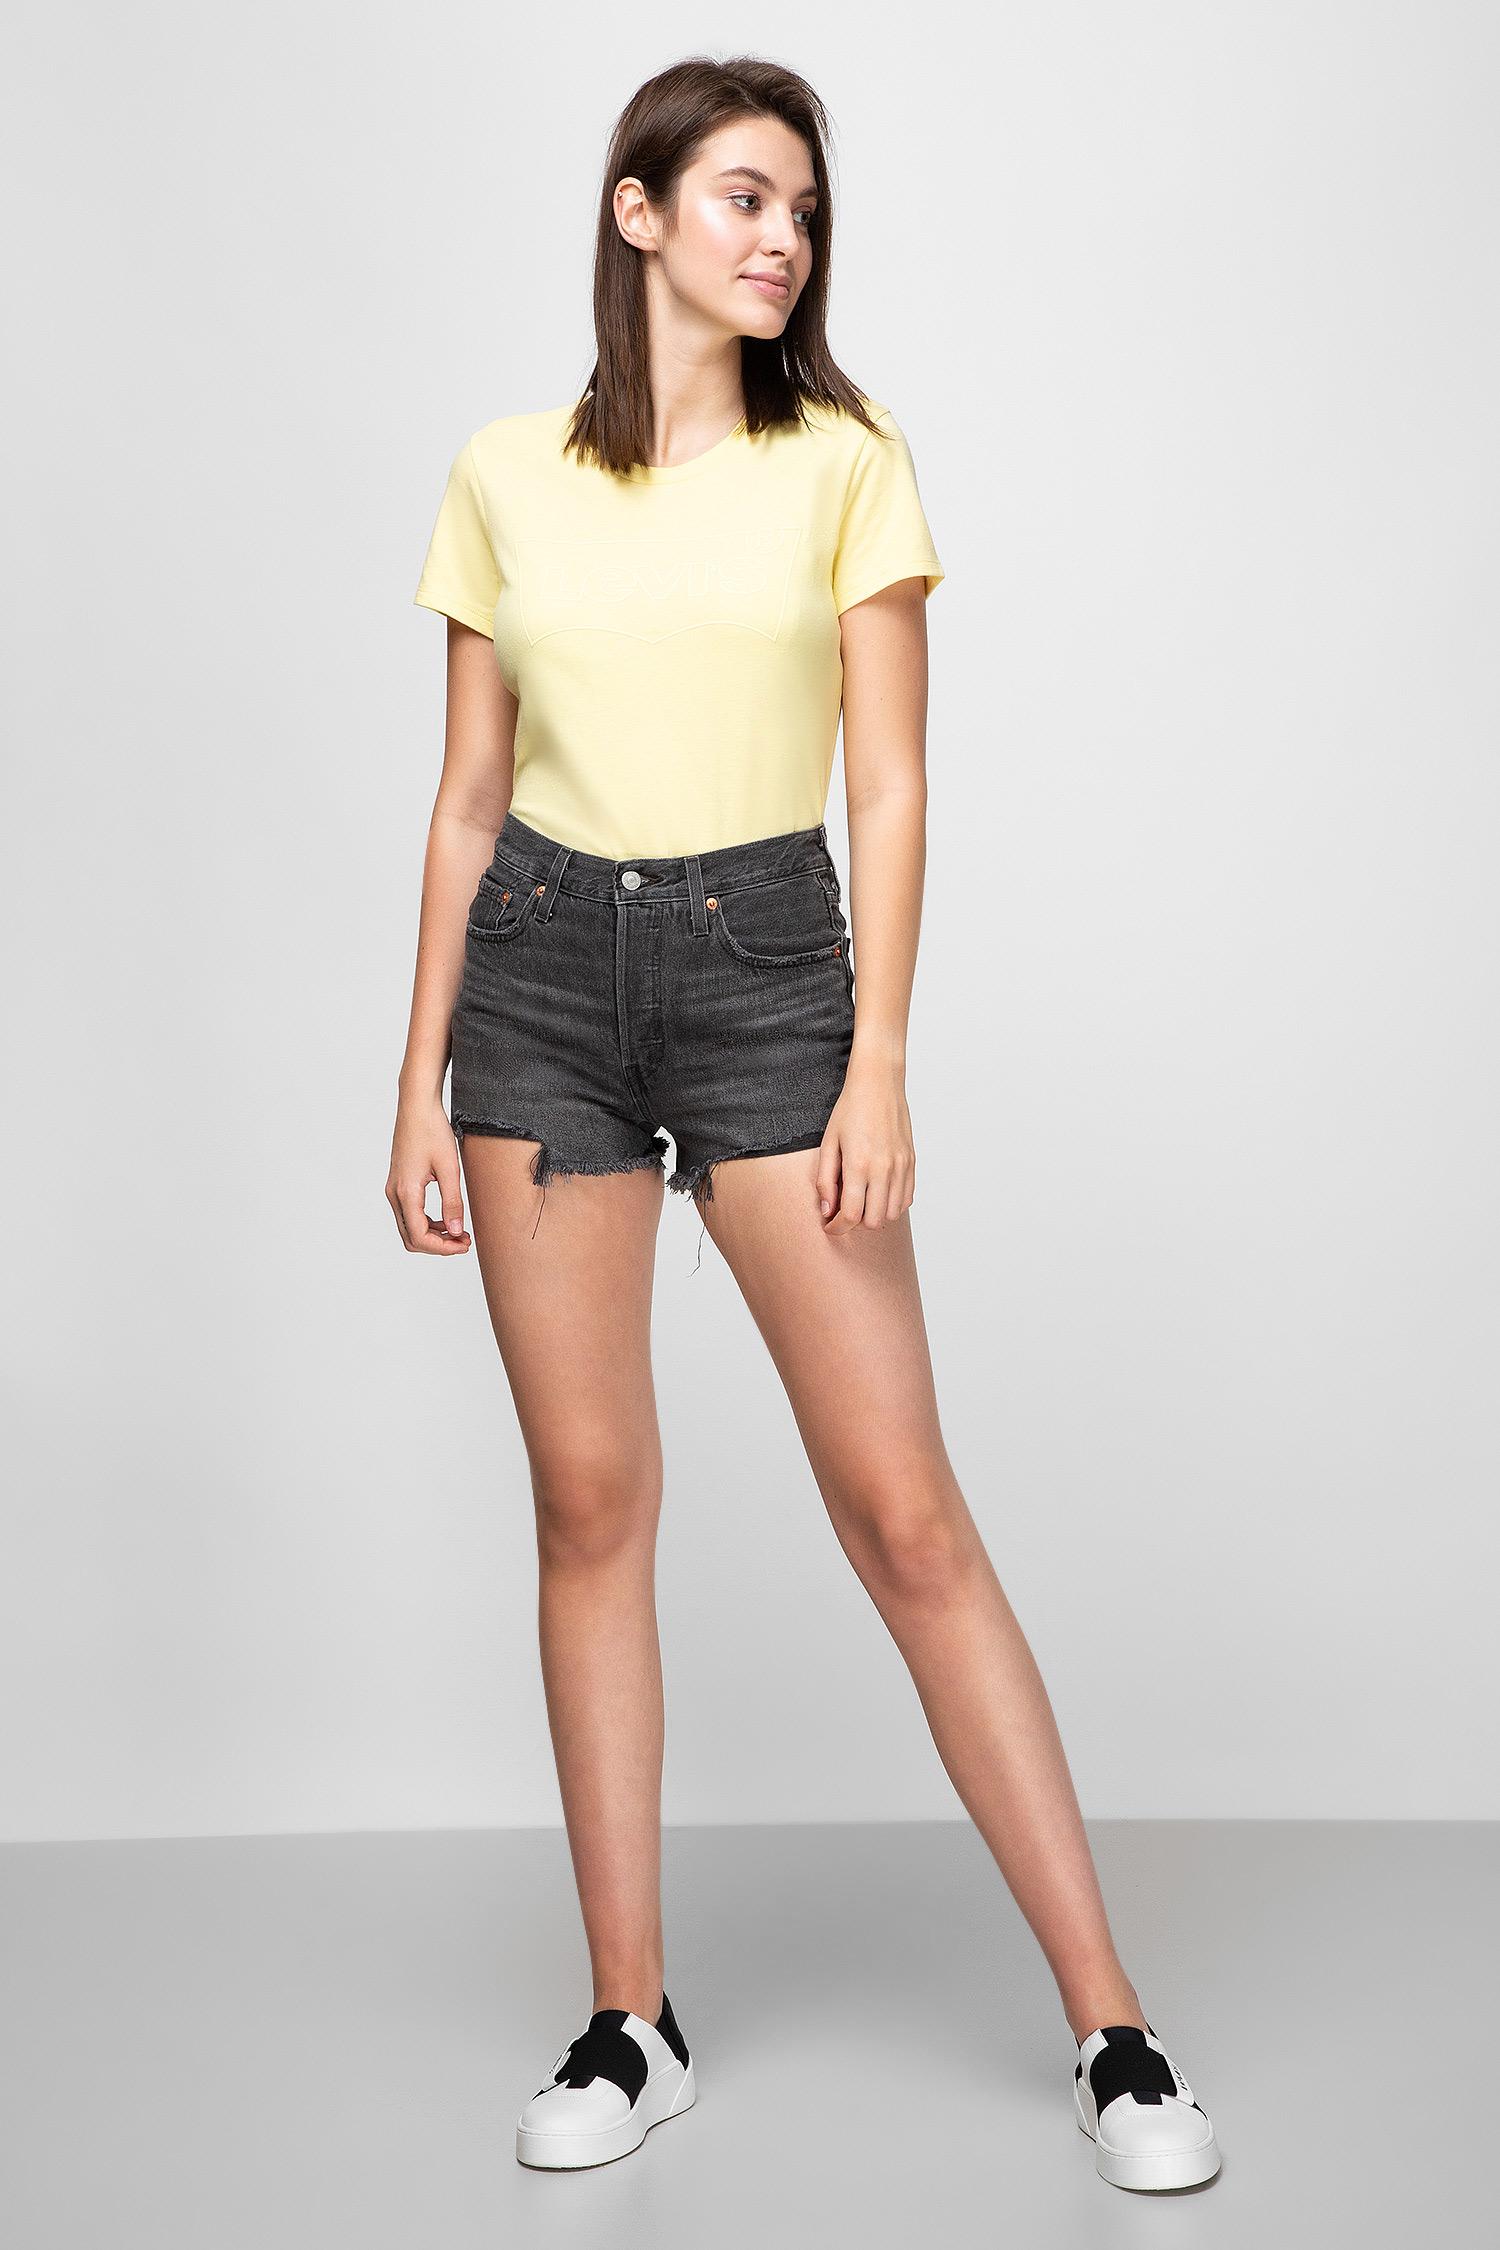 Жіночі сірі джинсові шорти 501 High Rise Taille Haute Levis 56327;0070